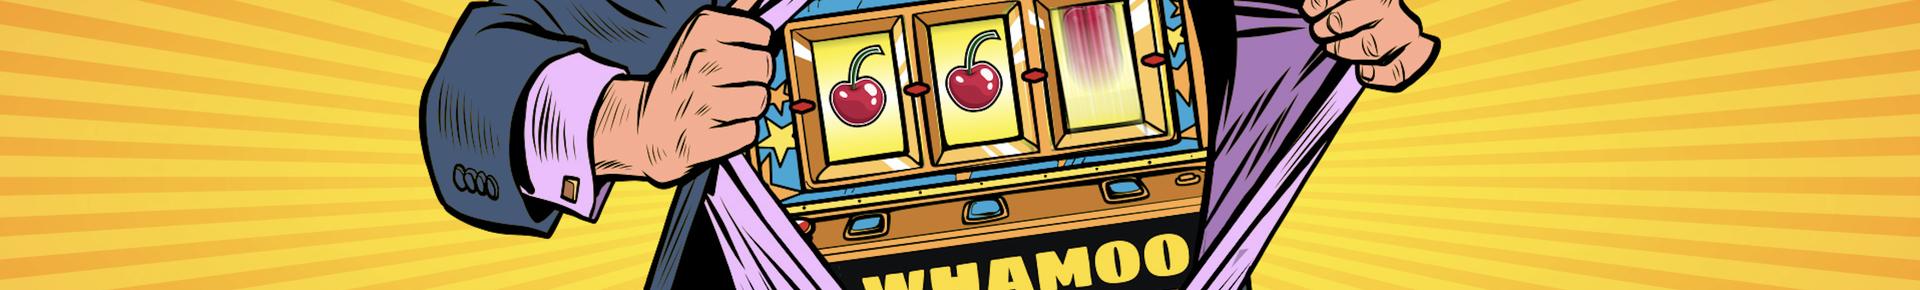 Whamoo casino review CA